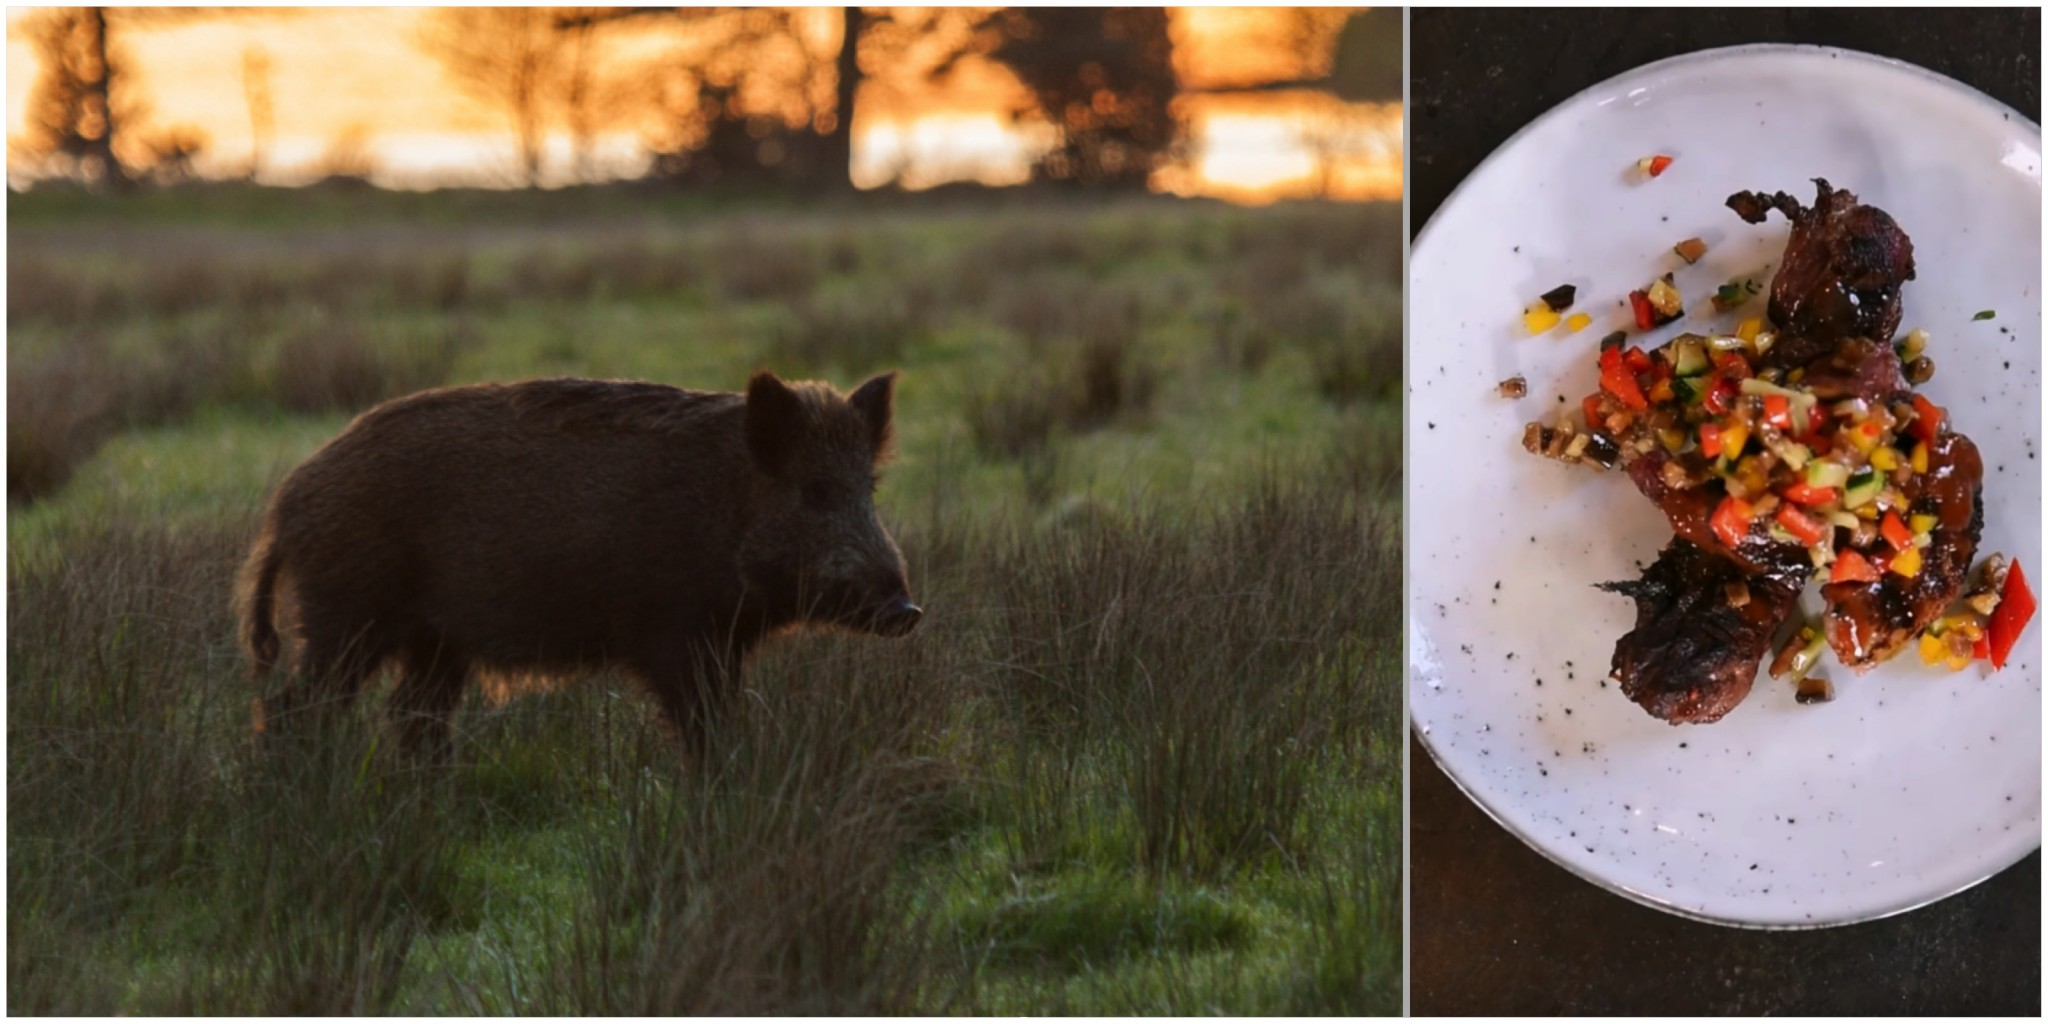 Se Jägareförbundets kort filmer om tillvaratagande av vildsvin. Foto: Mostphotos